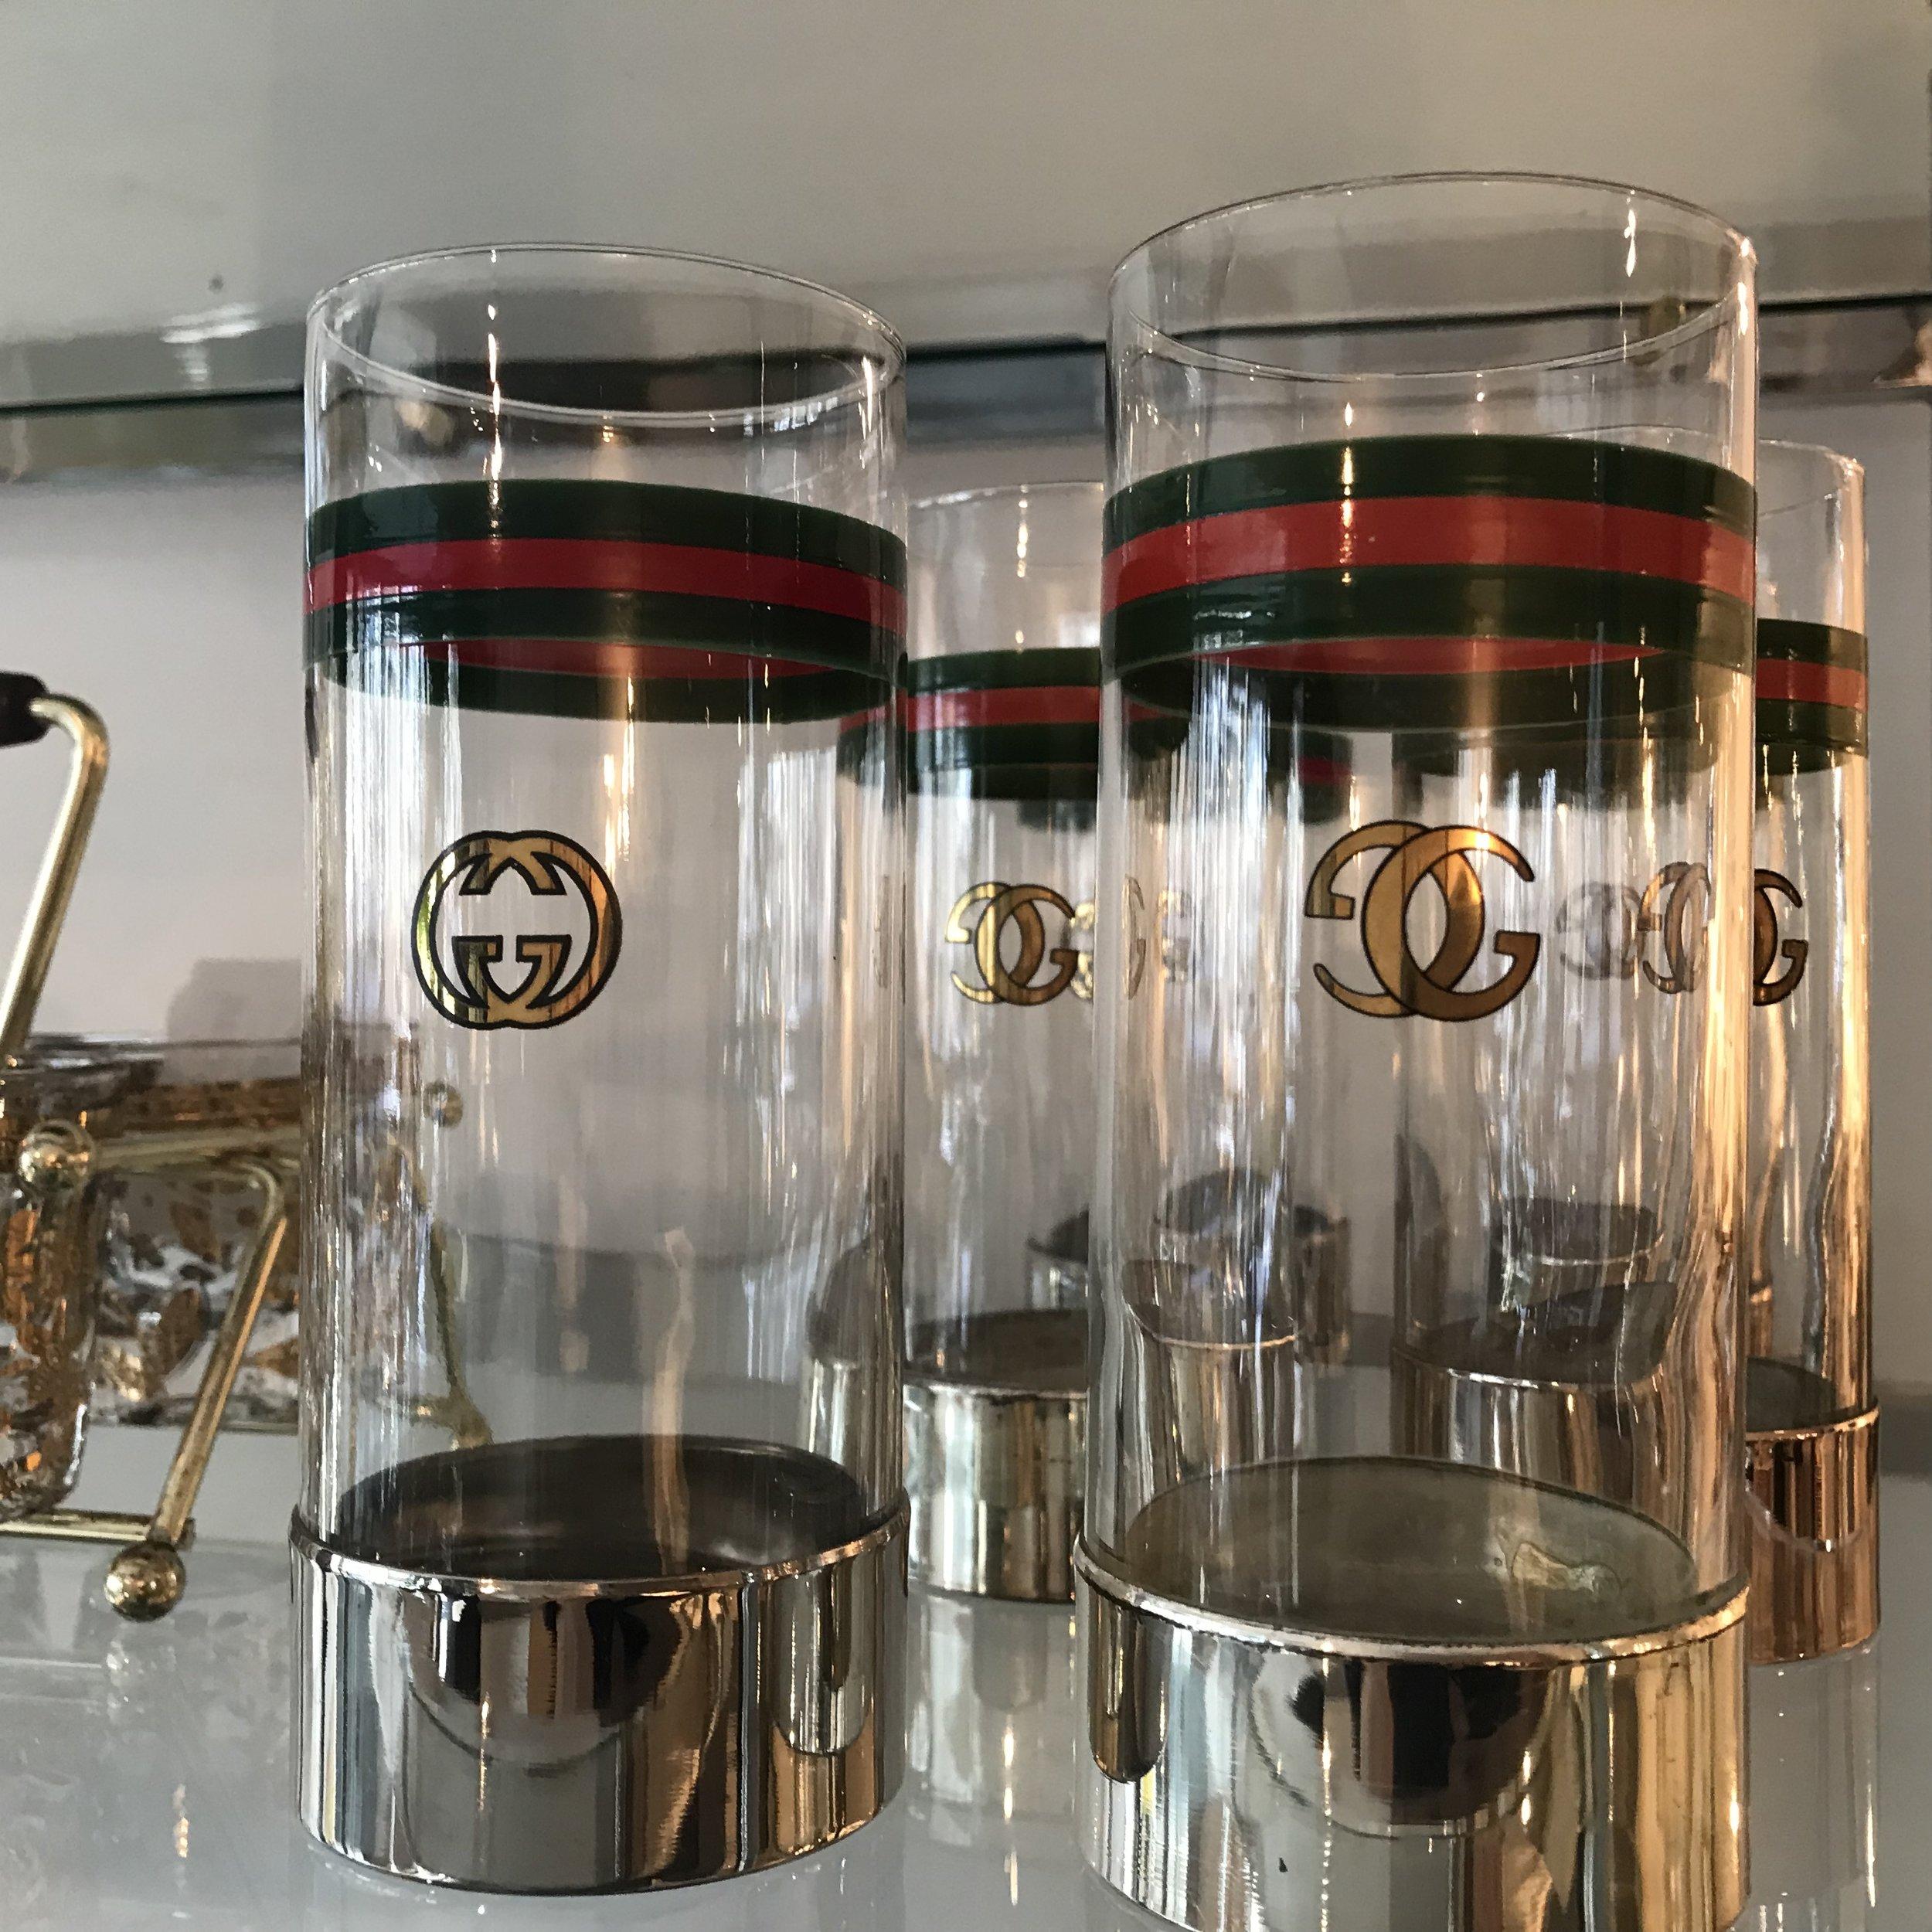 Gucci Glassware